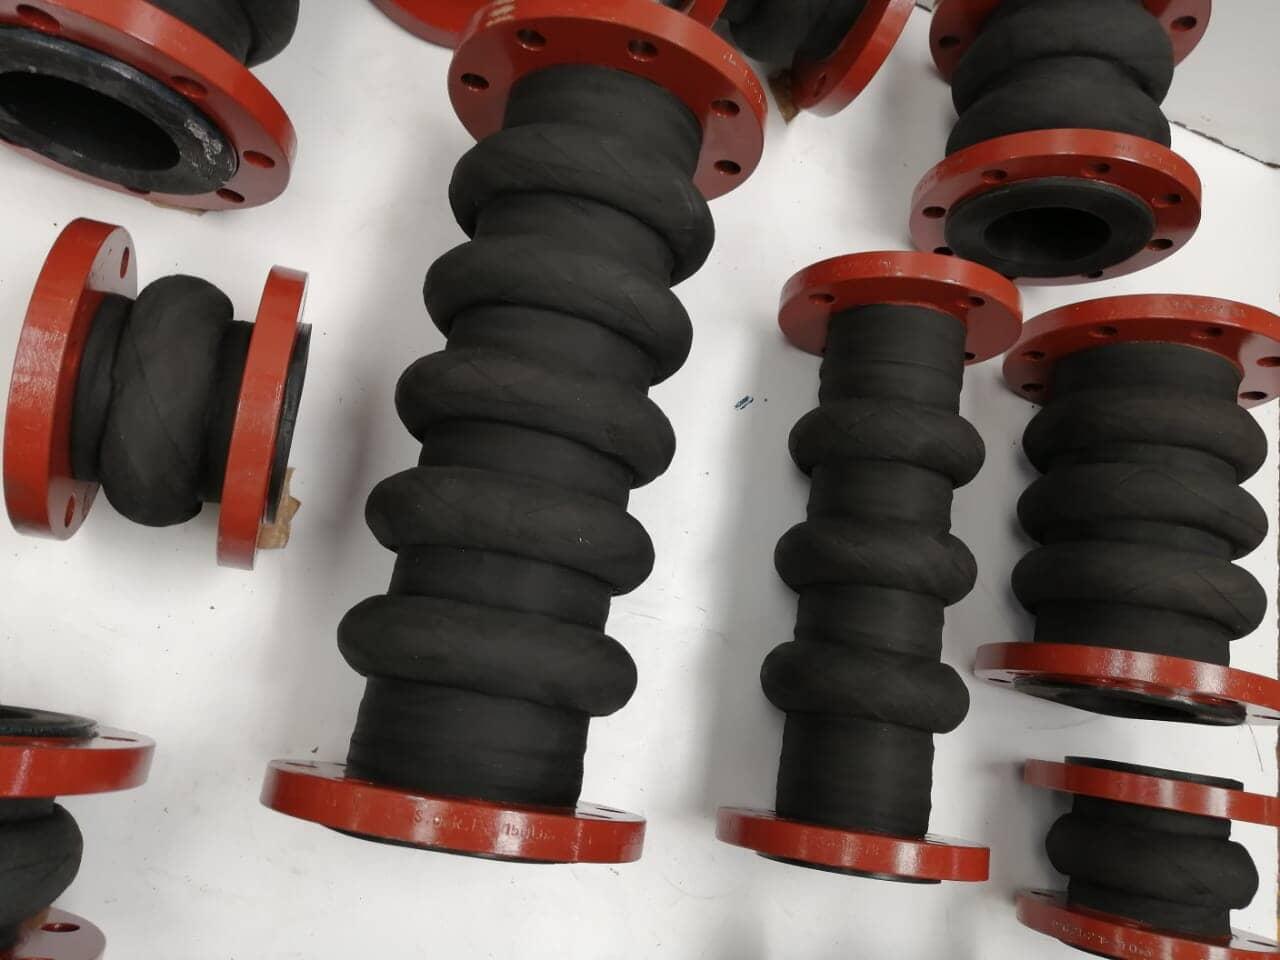 MANFLEX - Diferentes tamaños de Ensamble de maguera flexible